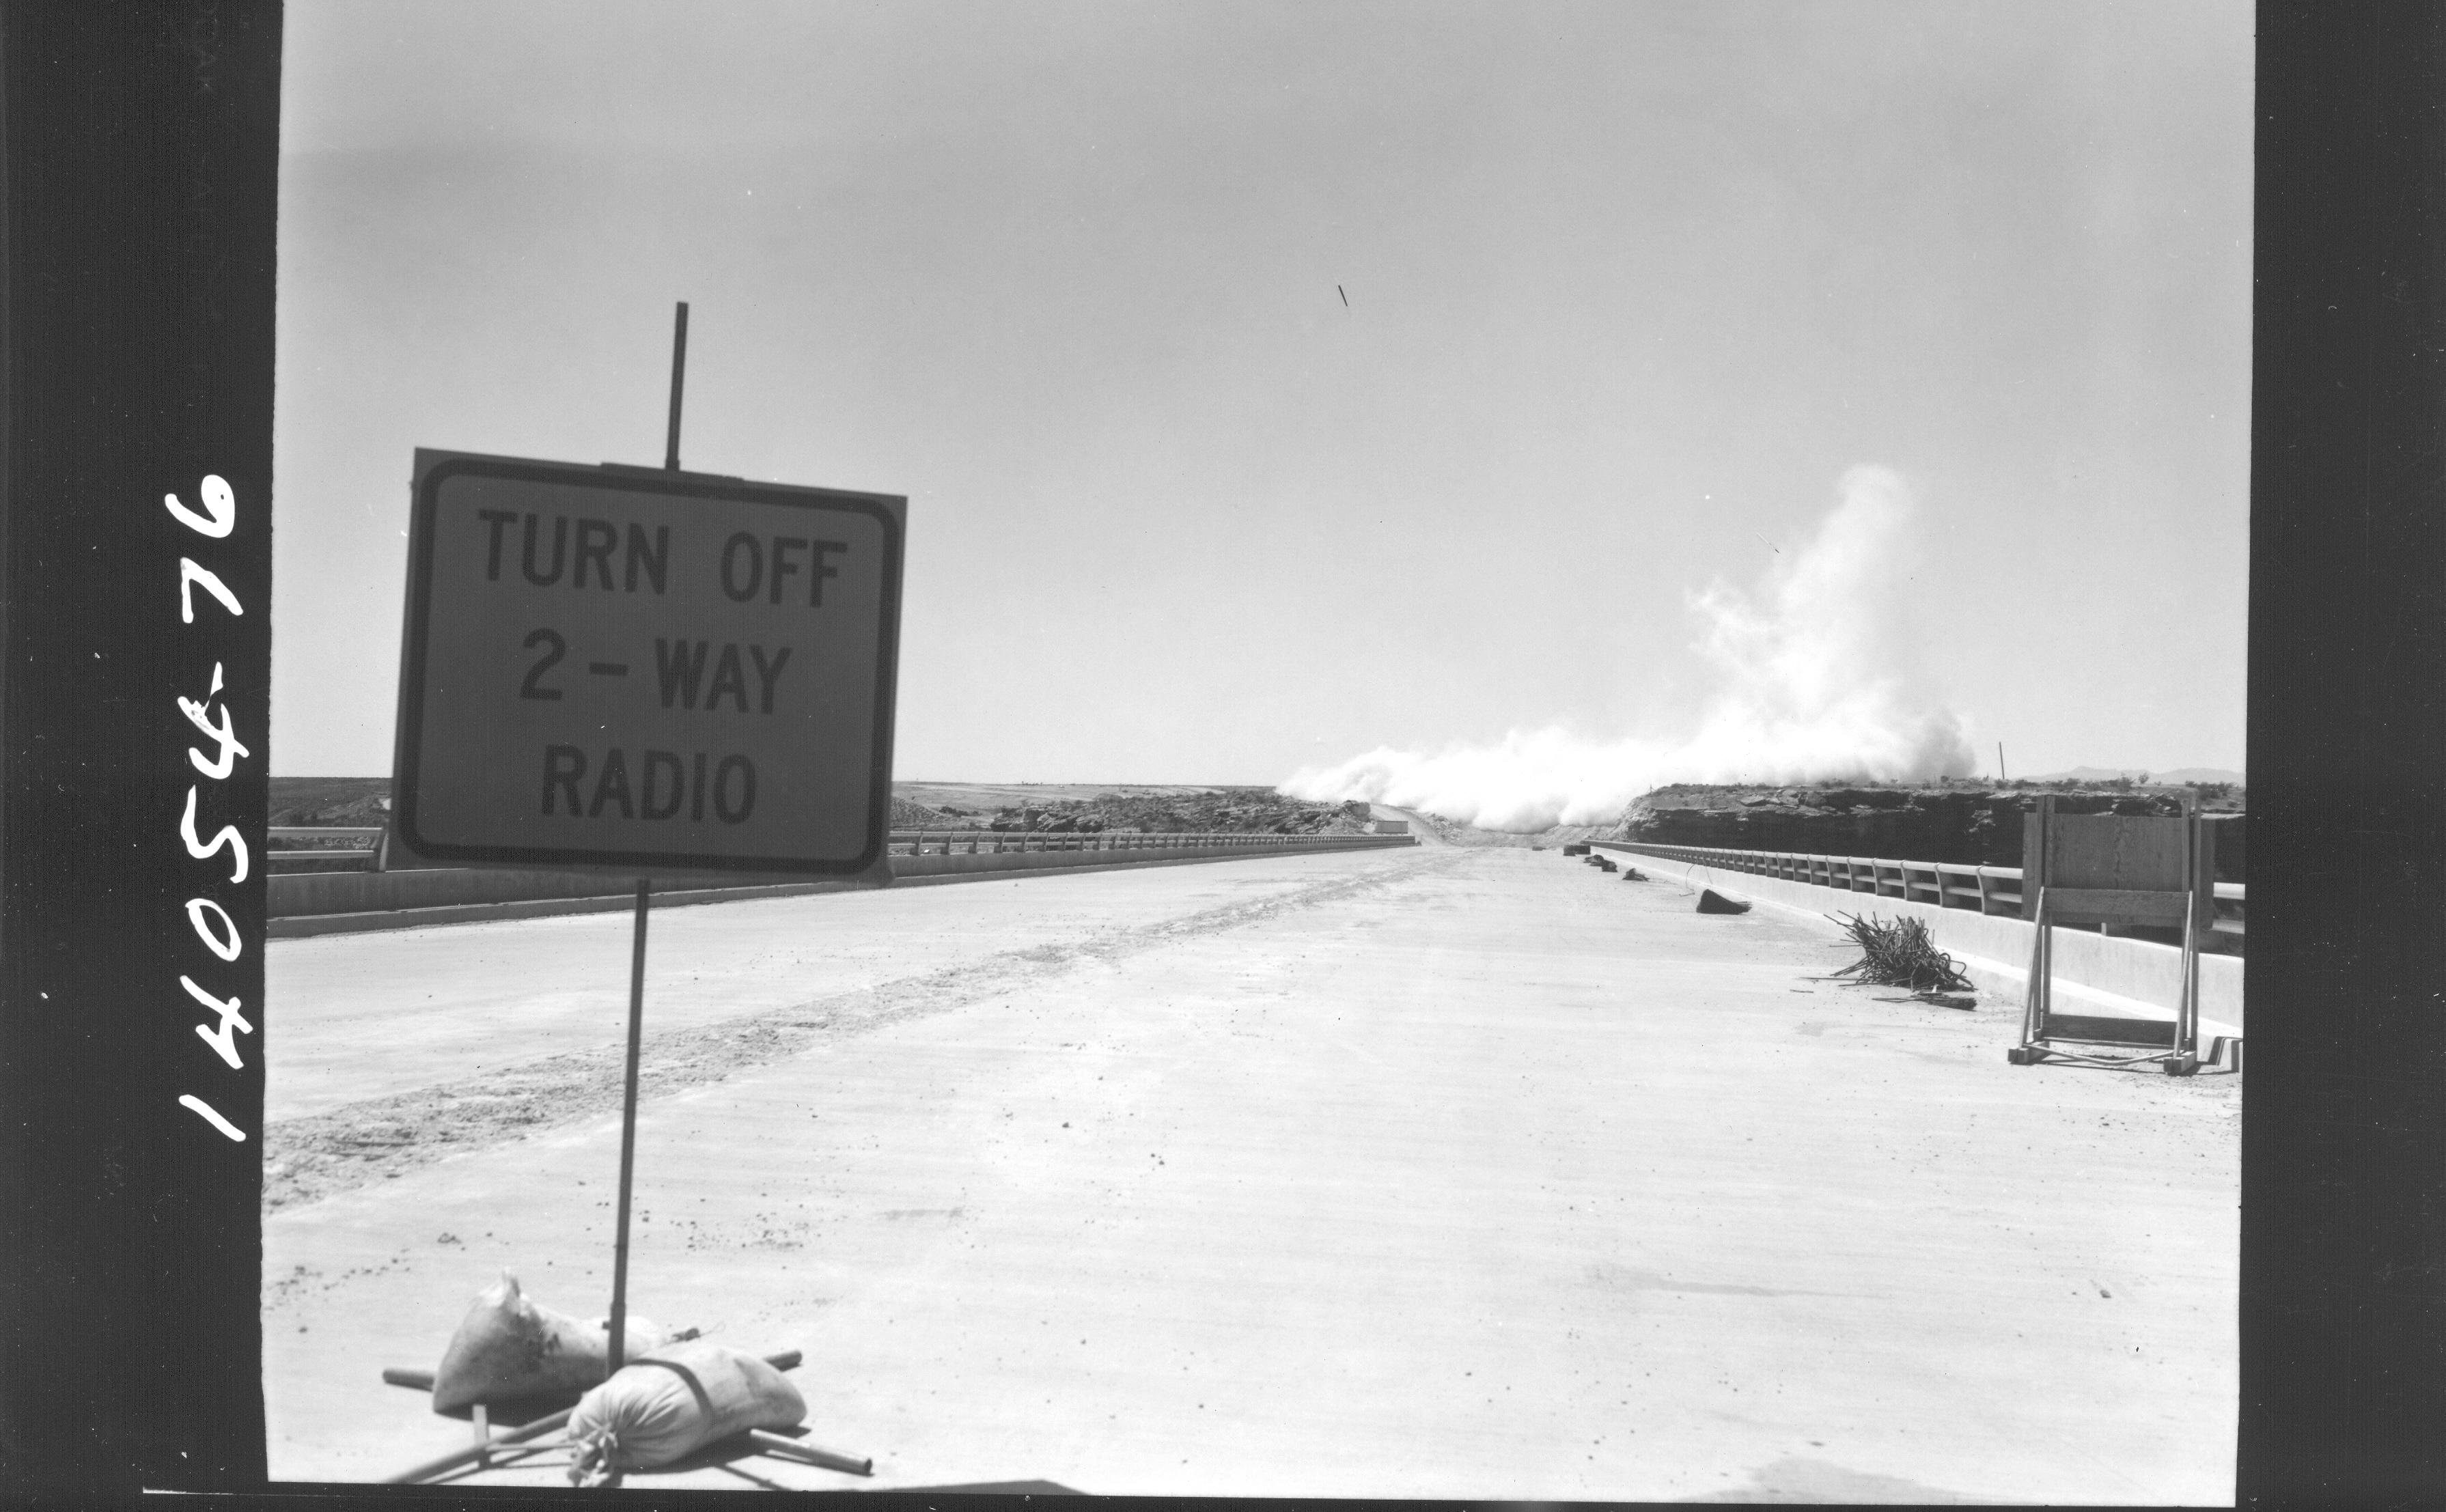 I-15 Blasting Zone